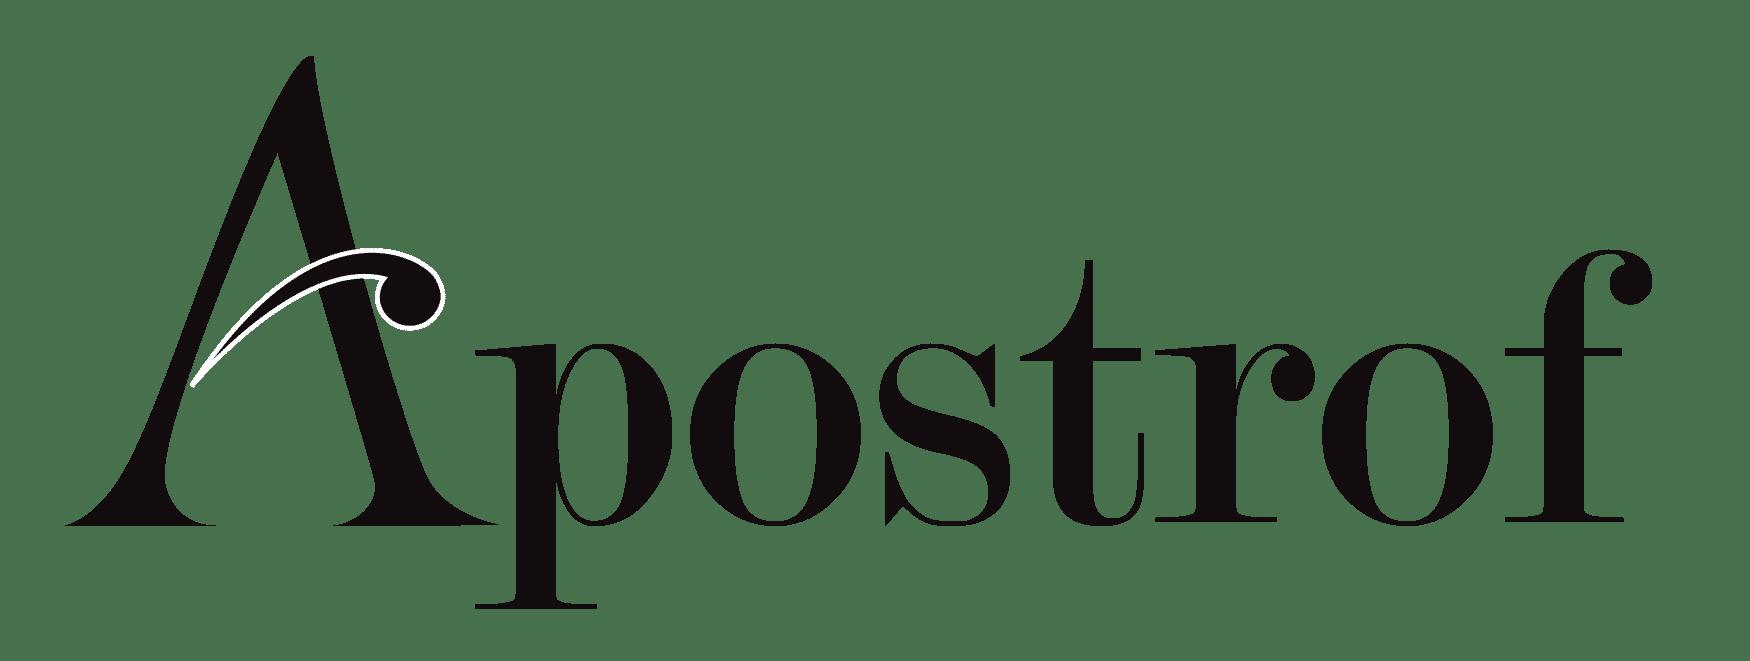 Apostrof